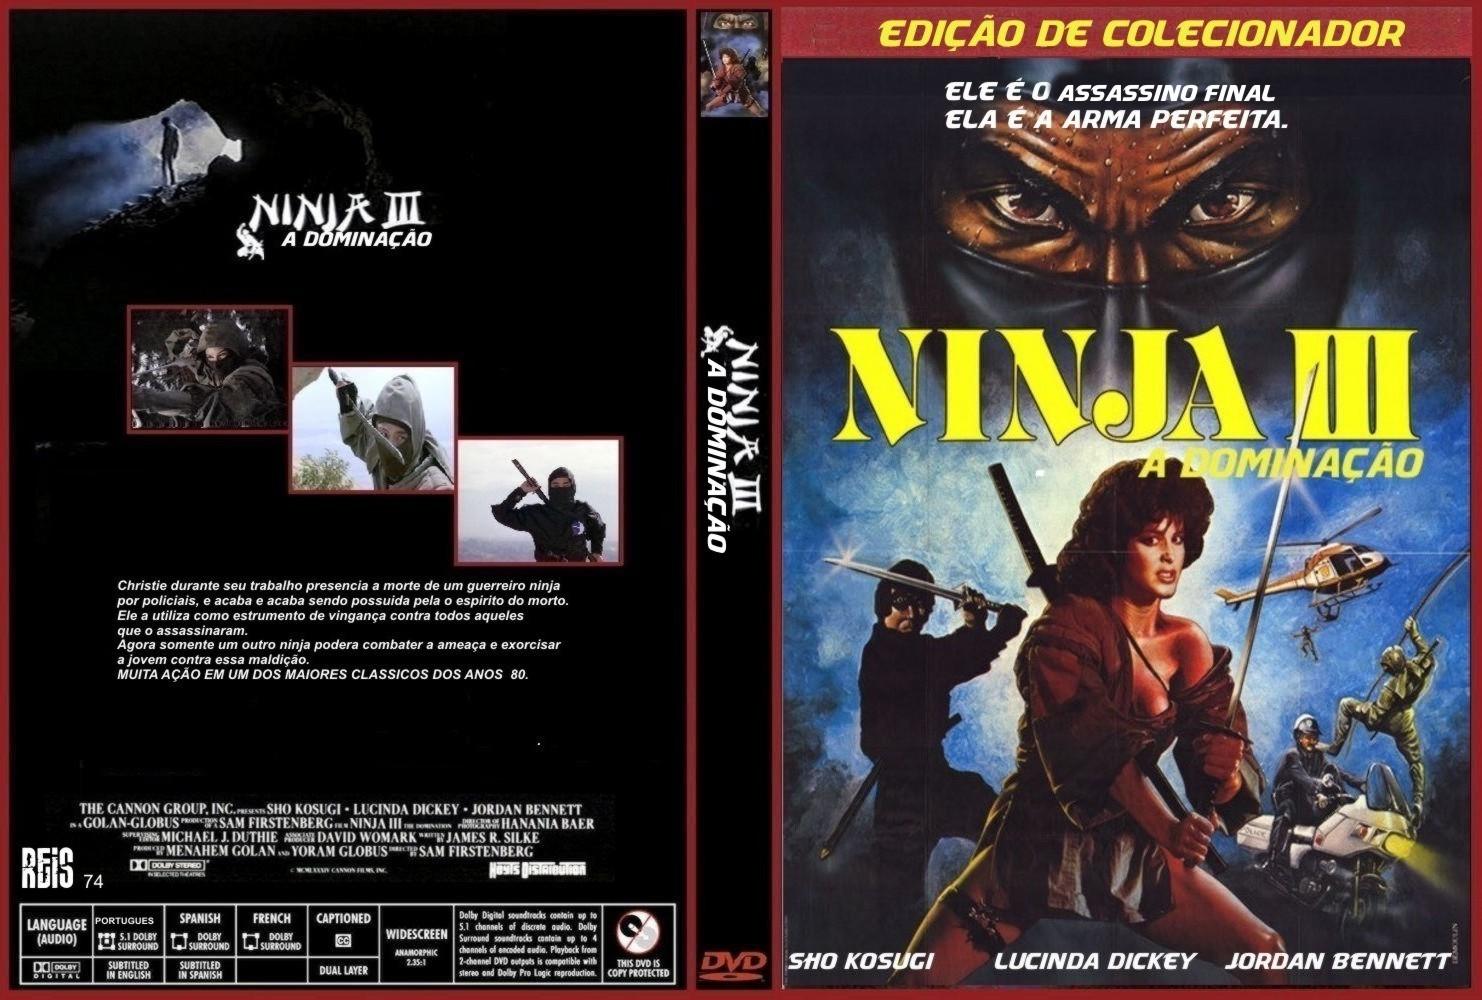 Ninja 3 the domination fan